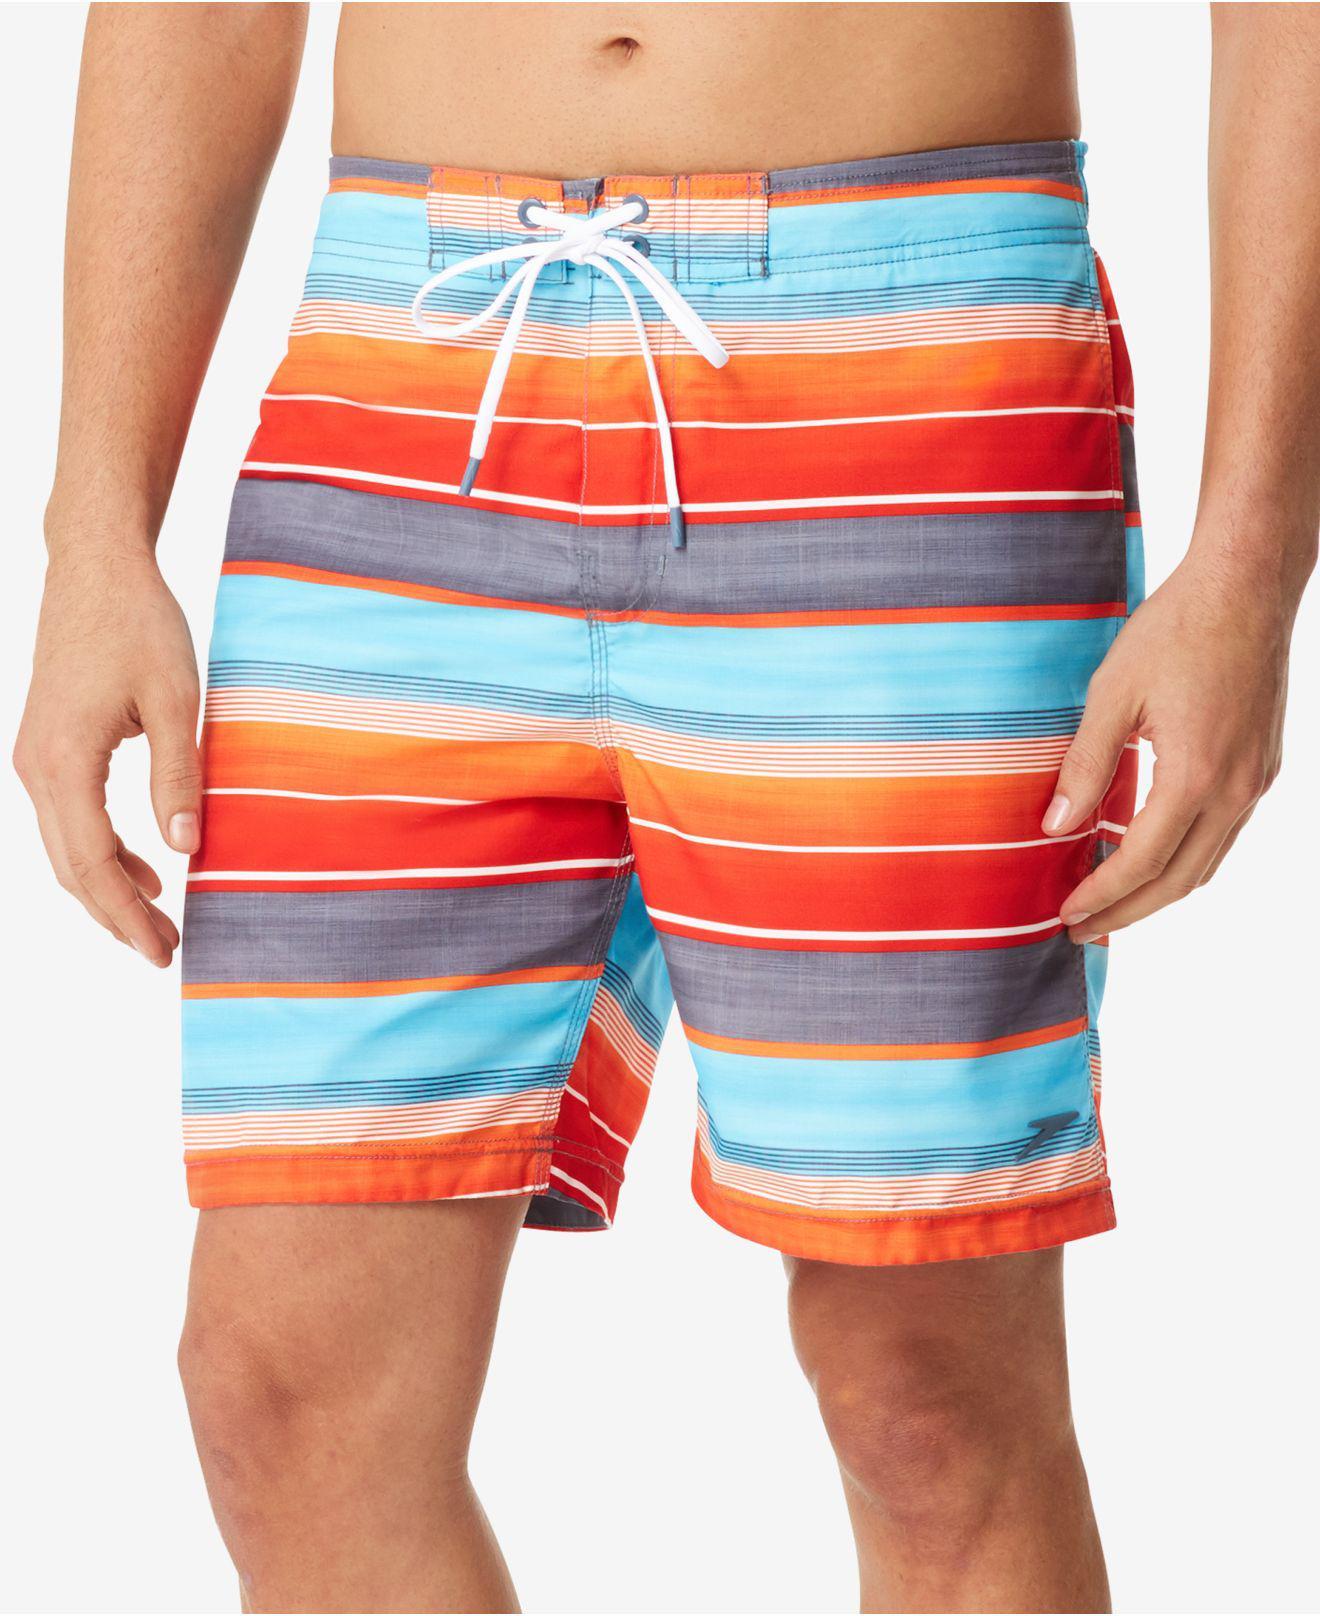 Orange White Stripe Drawstring Trunk Brief Speedo Swimwear FDCrLLtZ